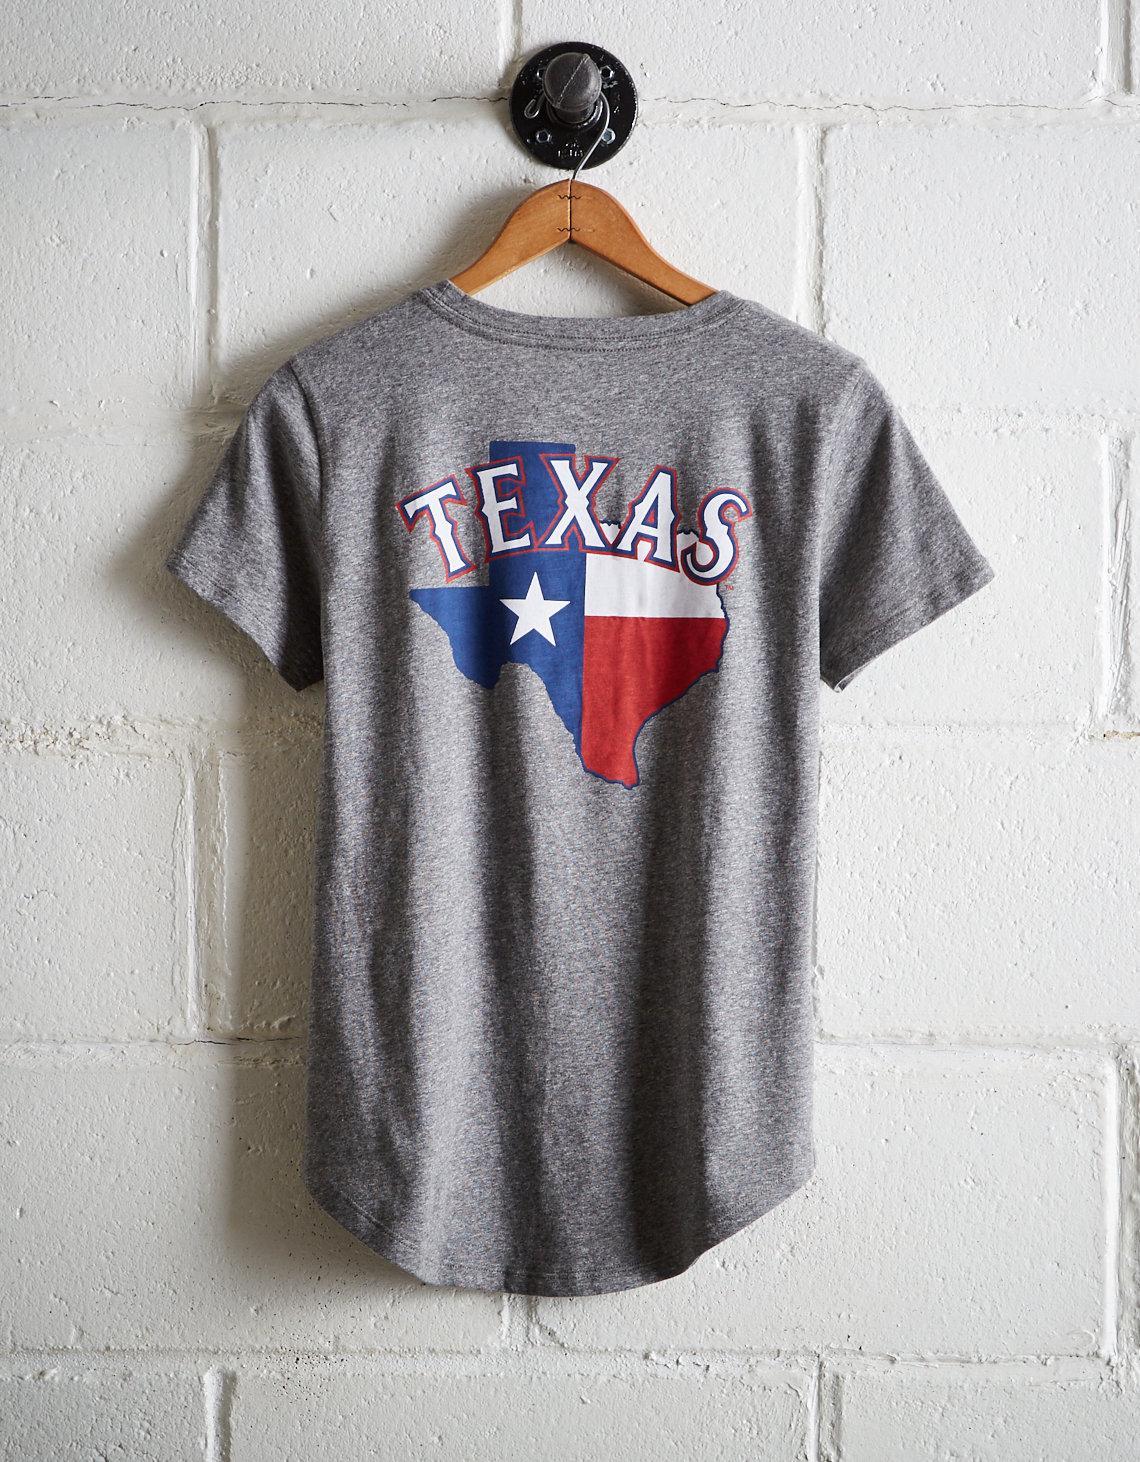 d1d23bb47b7a6 Lyst - Tailgate Women s Texas Rangers T-shirt in Gray